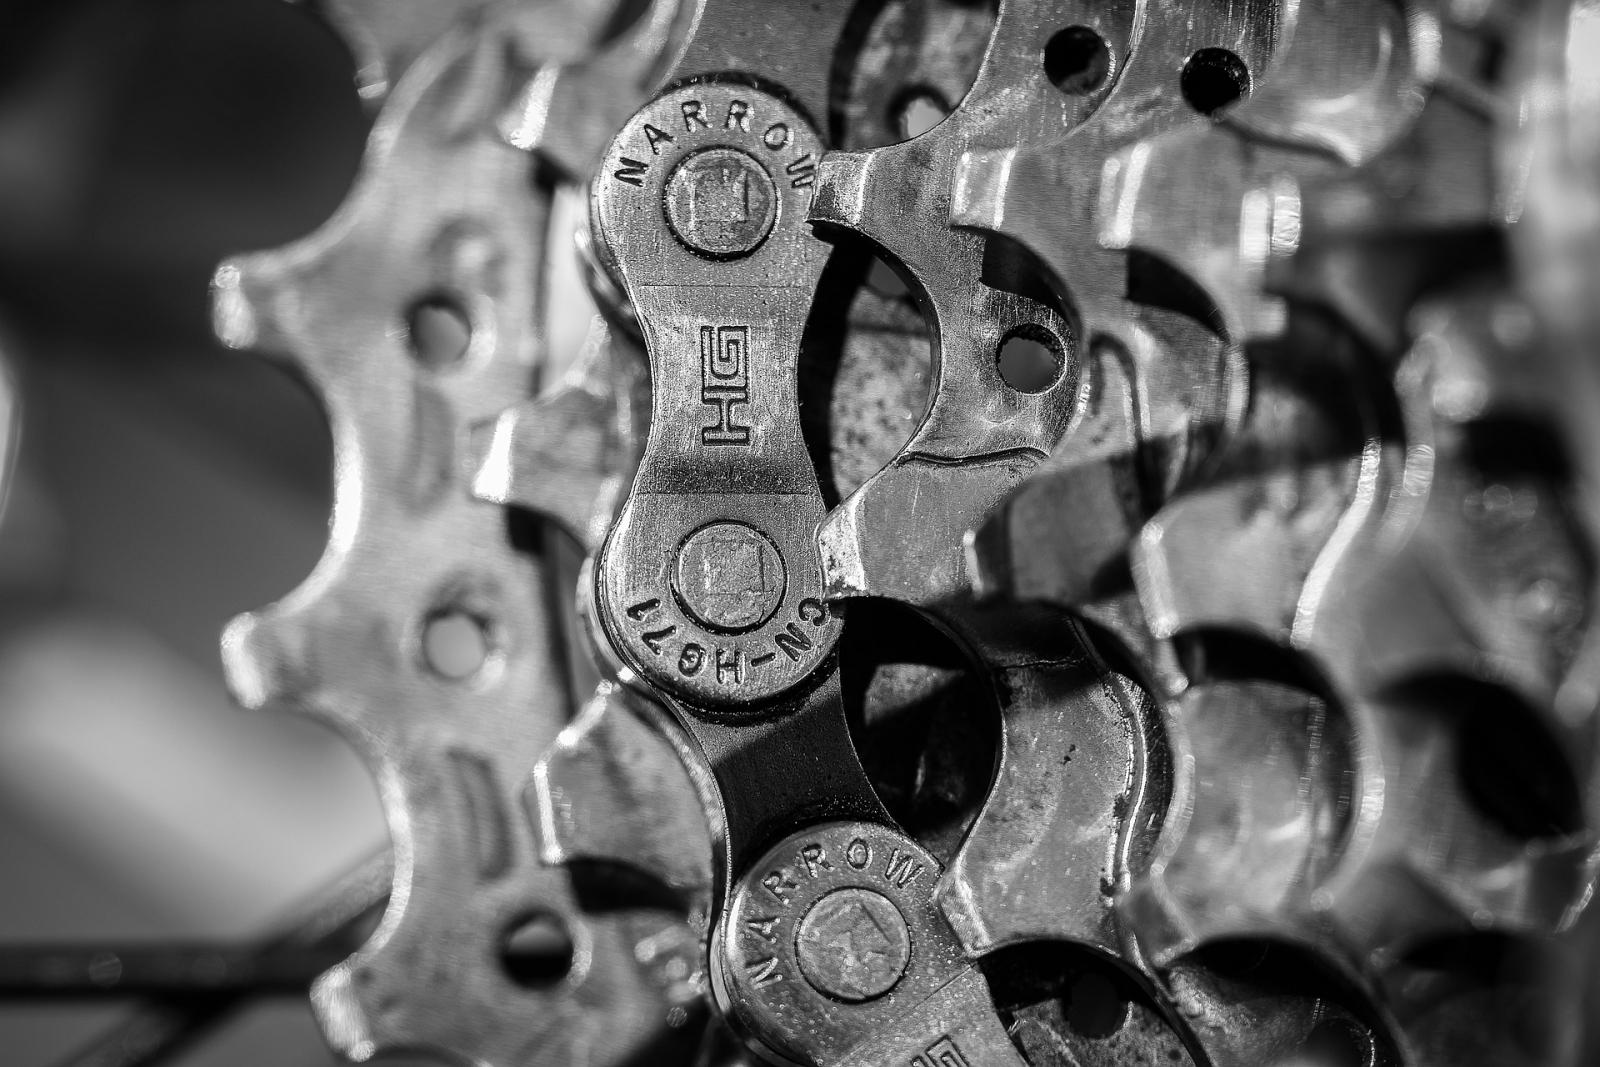 【汽車專知】變速箱是什麼?手排、自排差在哪?